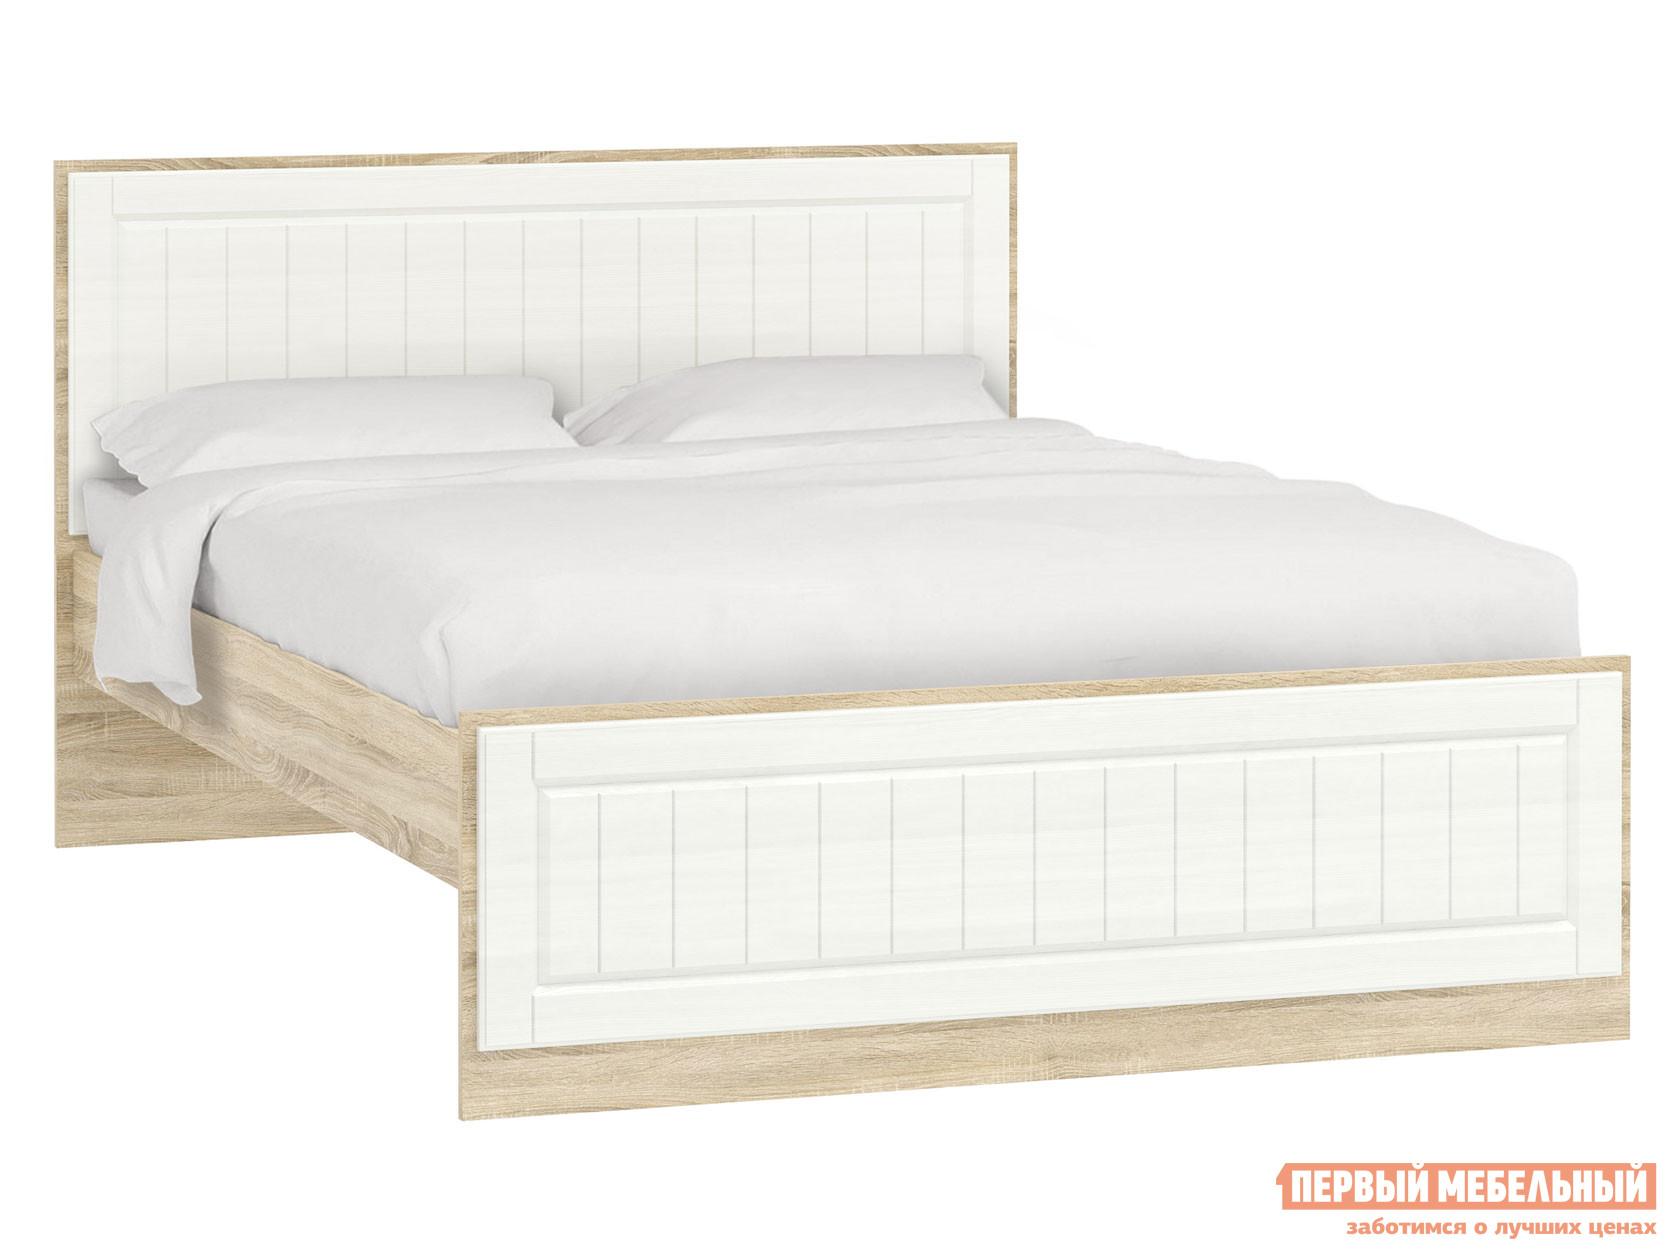 Двуспальная кровать Первый Мебельный Кровать Оливия Лайт НМ 040.34 двуспальная кровать первый мебельный кровать оливия 160х200